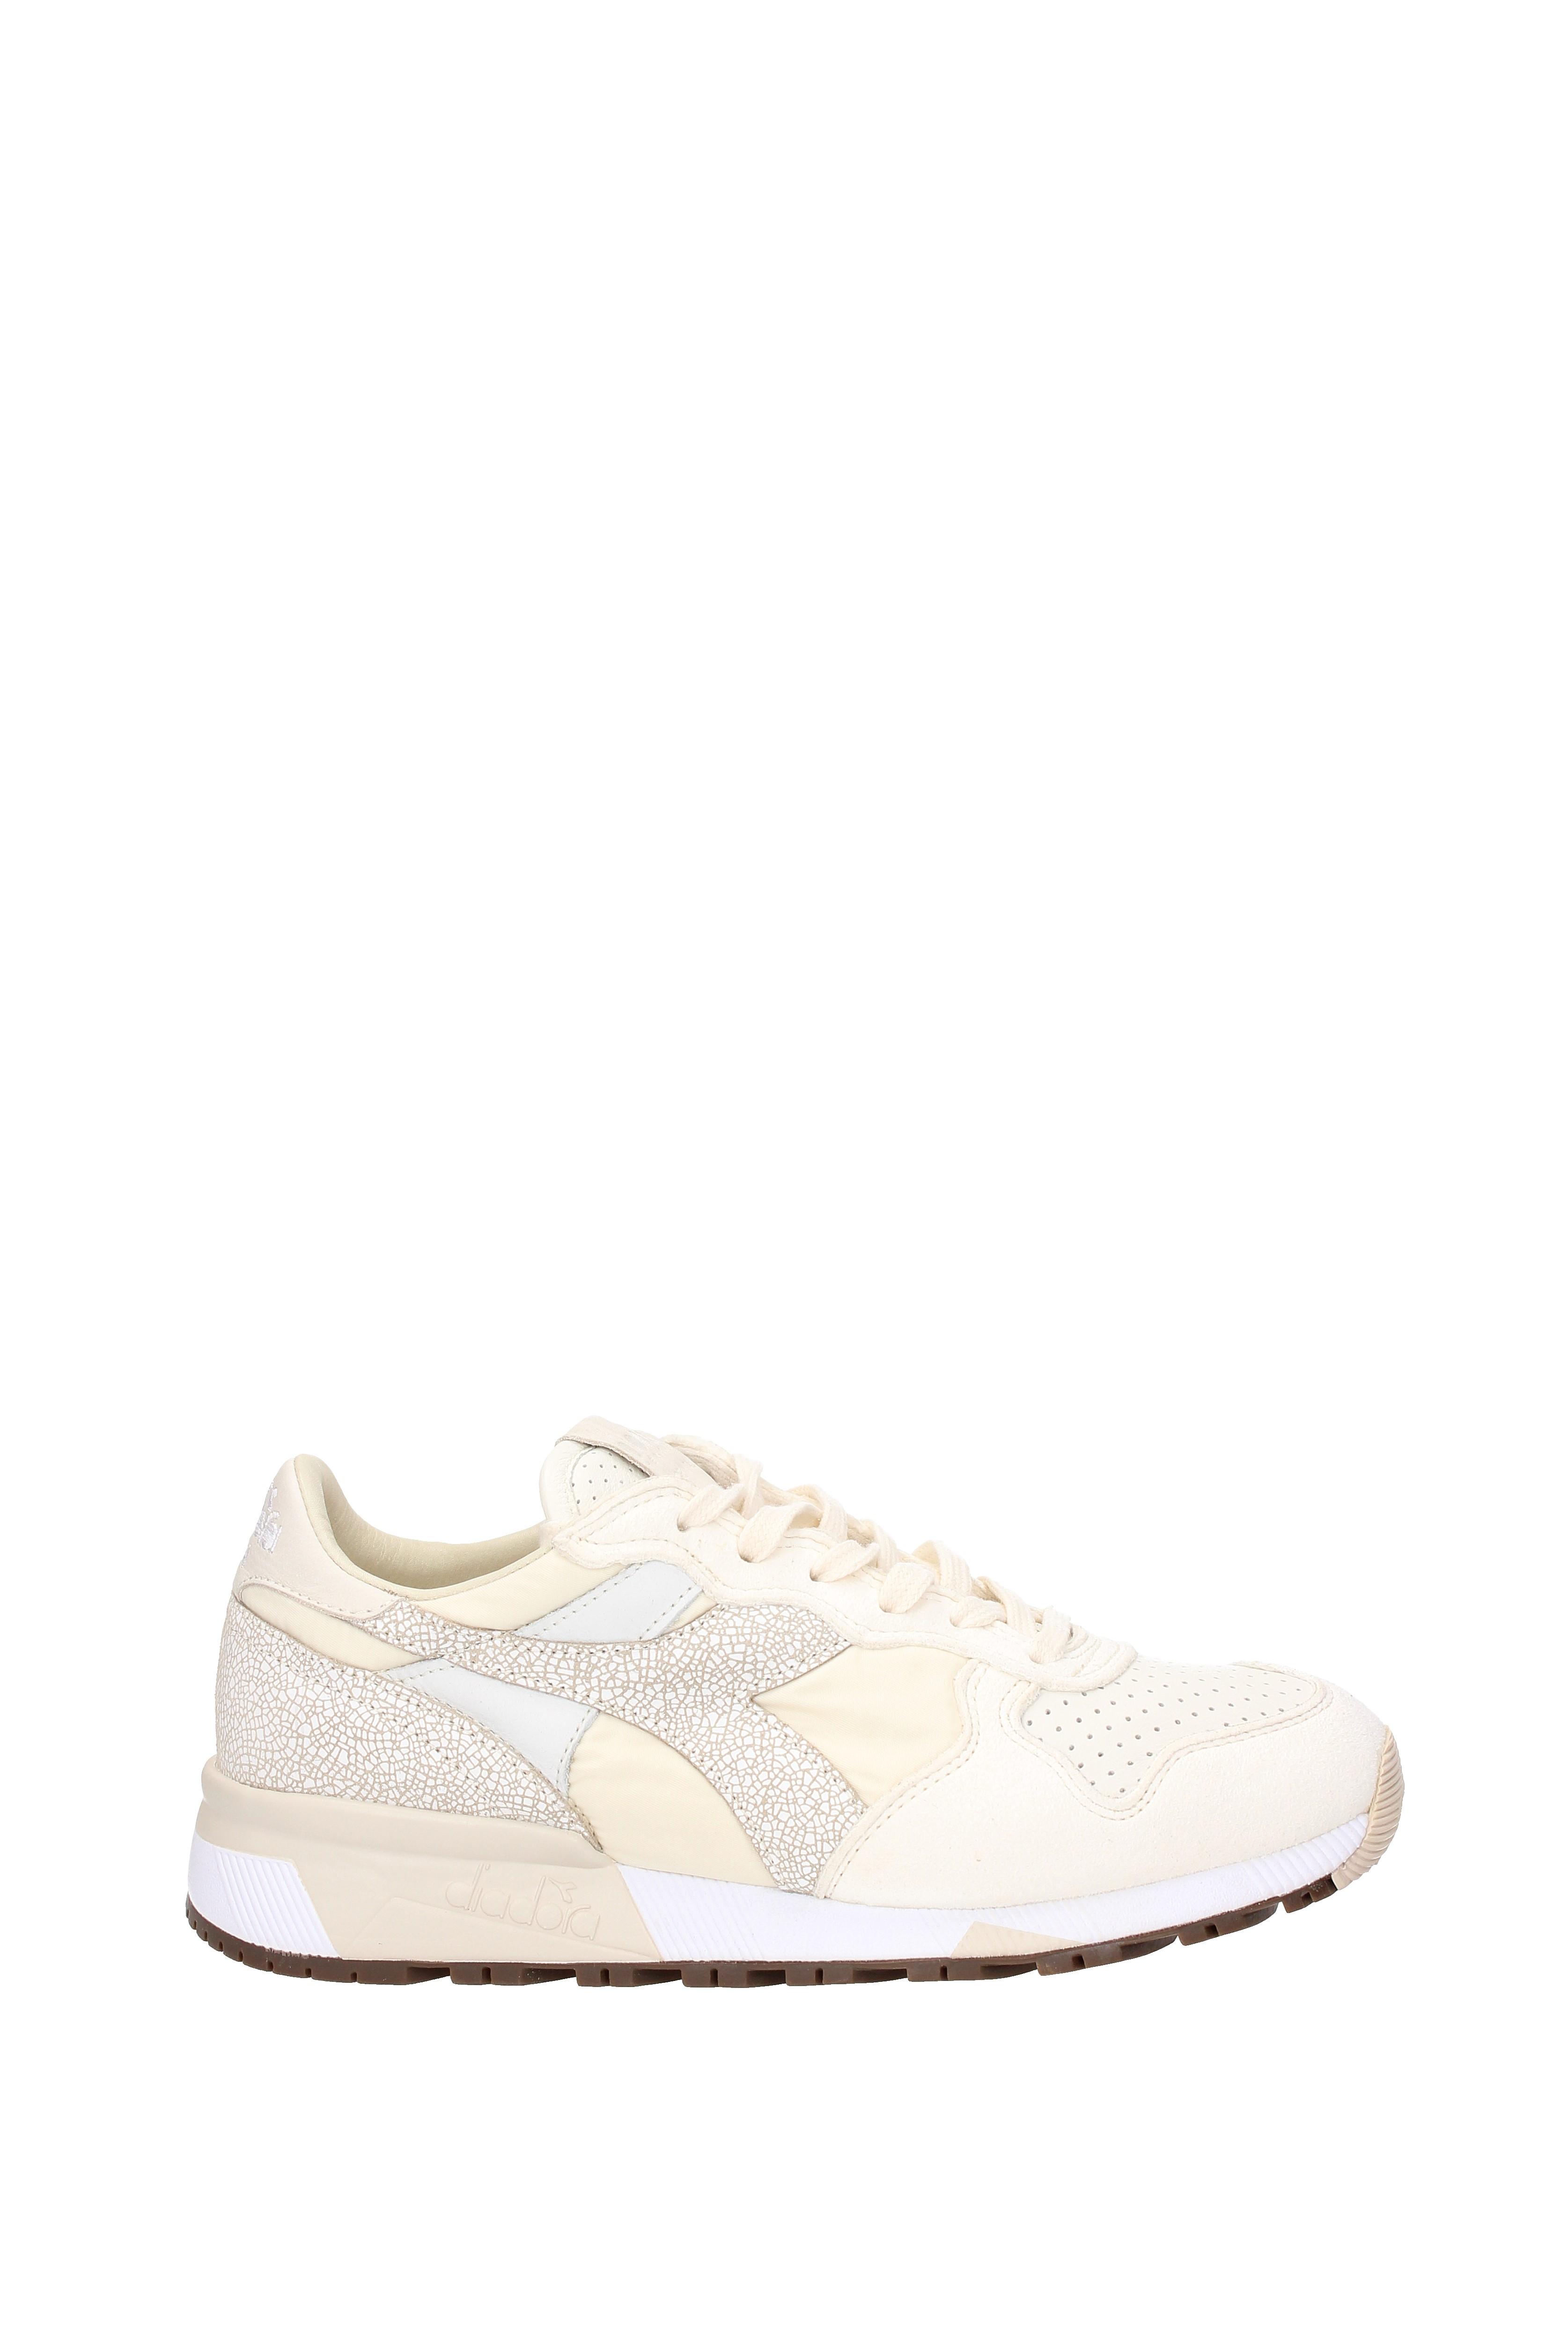 Sneakers Diadora Heritage trident 90  Herren Herren Herren - Wildleder (20117190501) d5419e